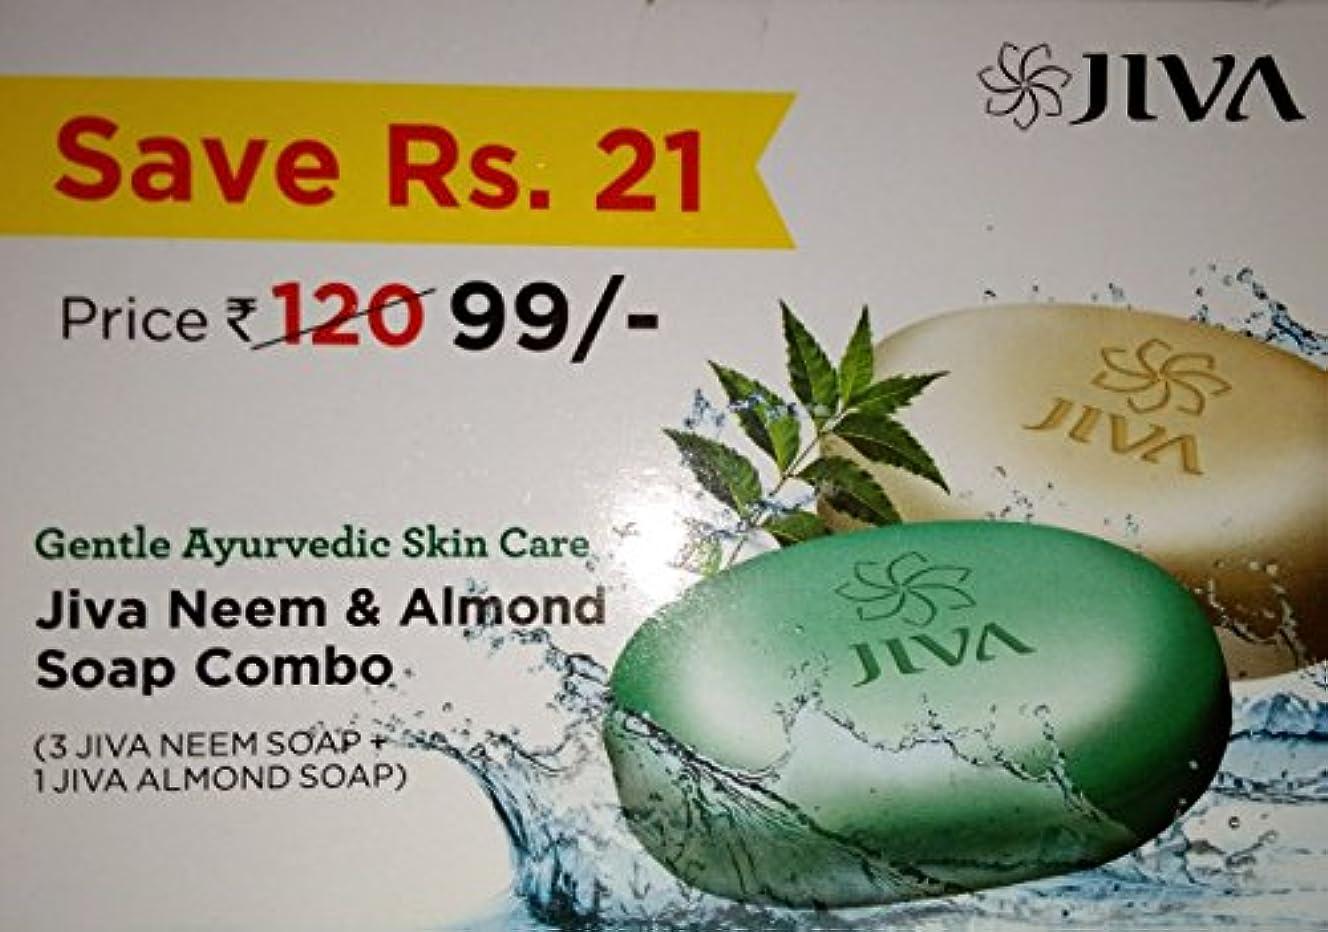 悪用解釈する予感Jiva Ayurveda Neem & Almond Soap Combo